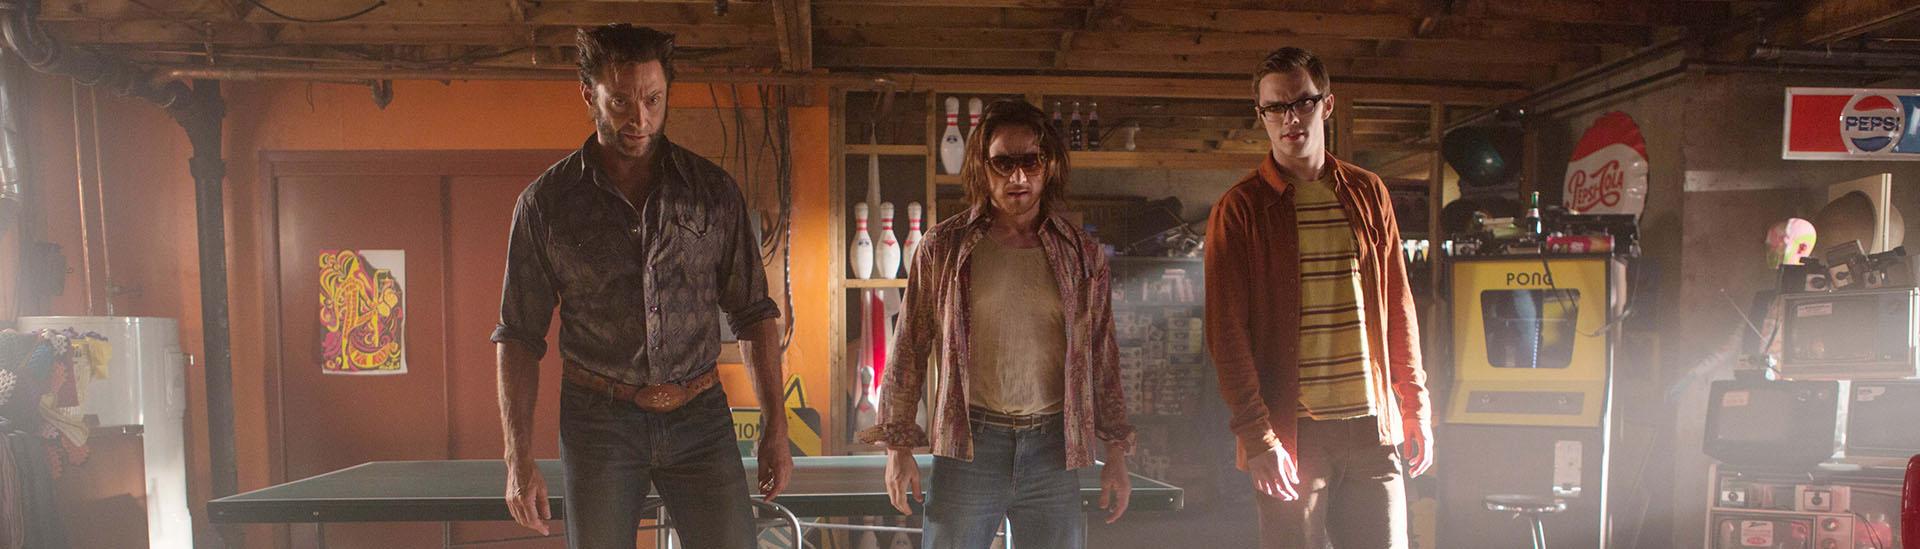 Baner filmu 'X-Men: Przeszłość, Która Nadejdzie'